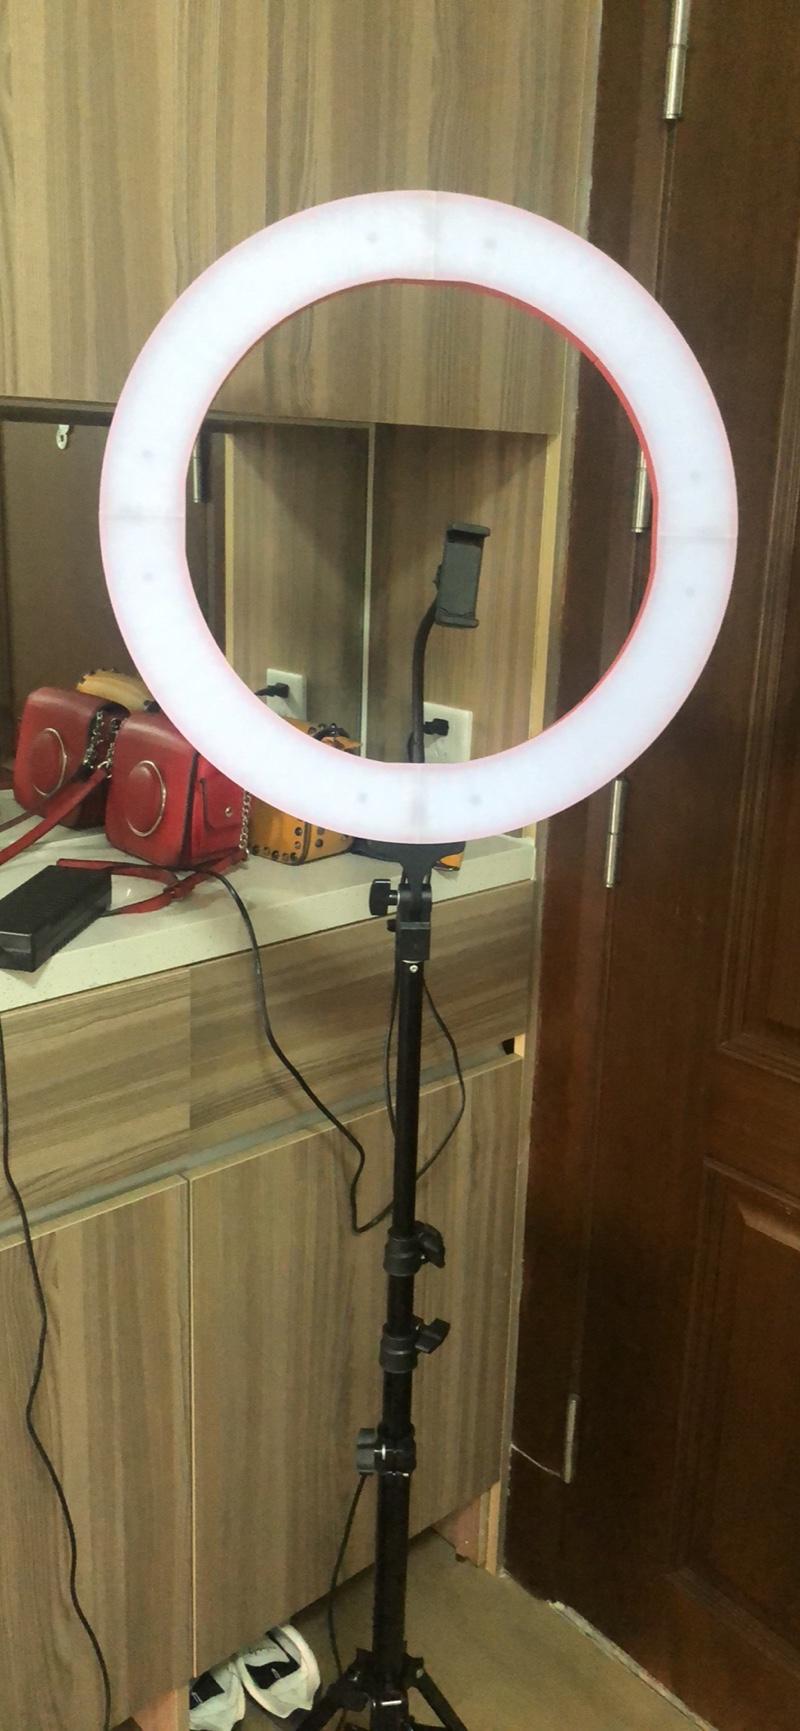 Bộ Giá Đỡ Điện Thoại Livestream Có Đèn Led LB -26cm -Điều chỉnh 3 chế độ màu ánh sáng